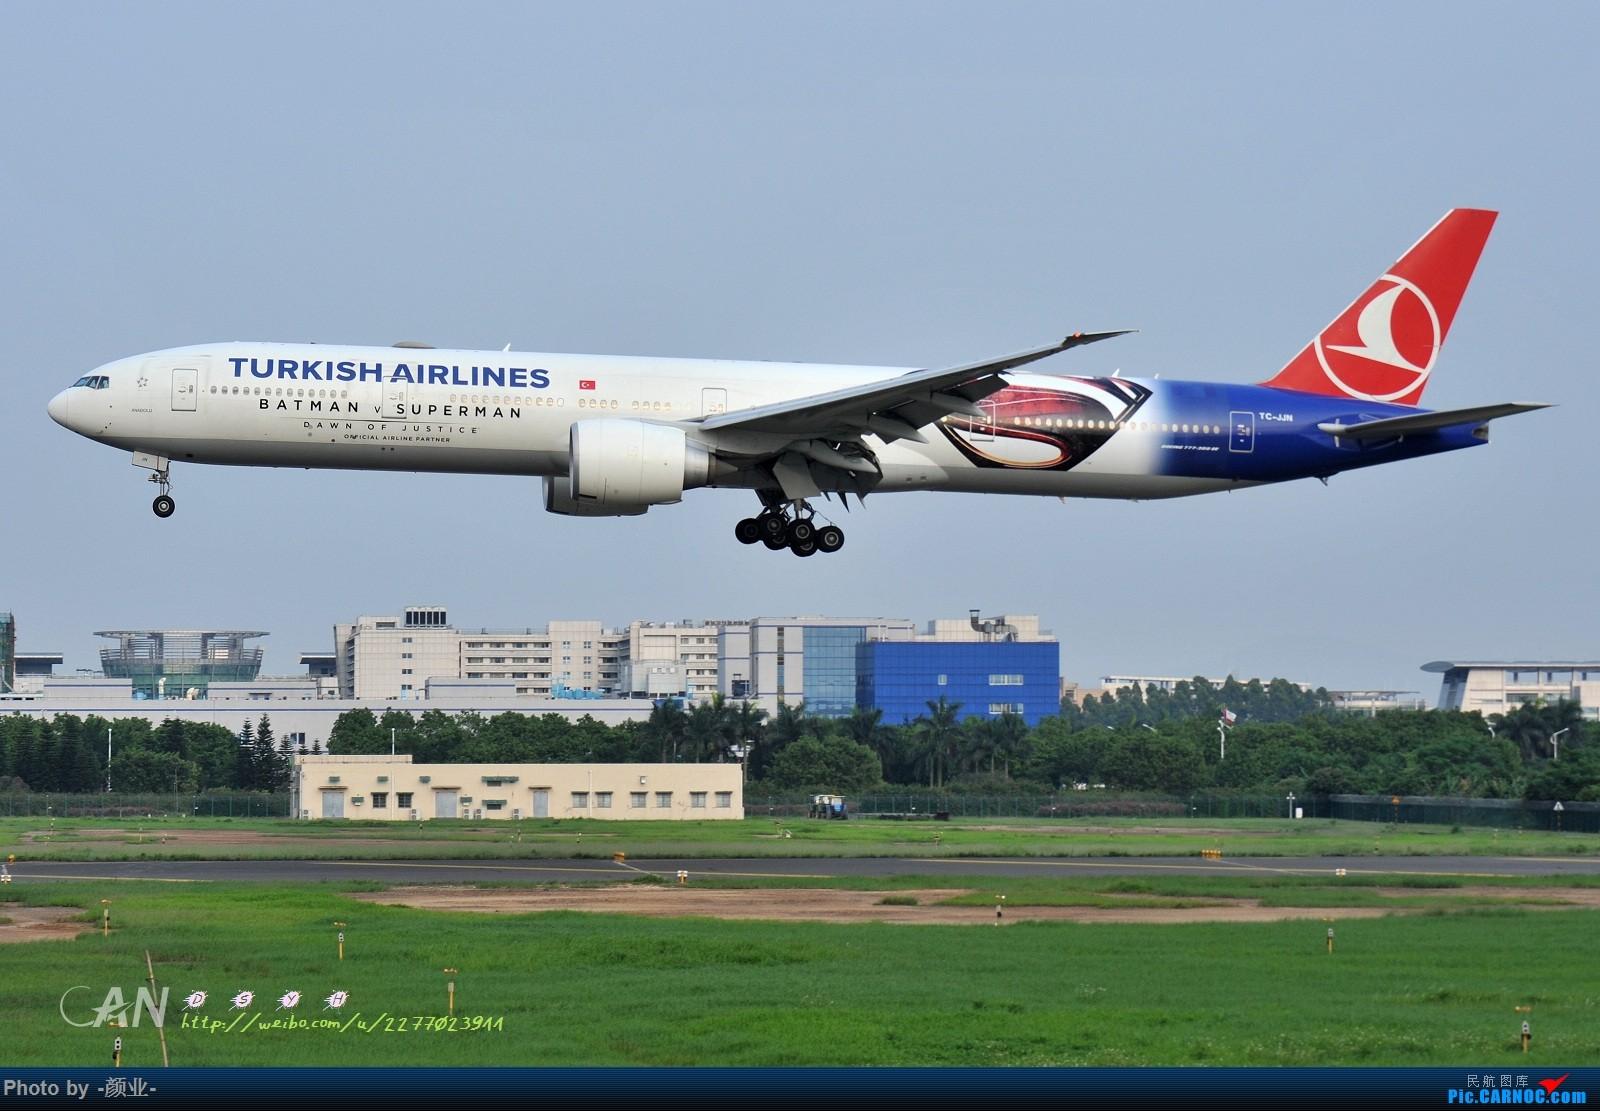 Re:[原创]2011-2016我的打灰机心情[广州] BOEING 777-300ER TC-JJN 中国广州白云国际机场